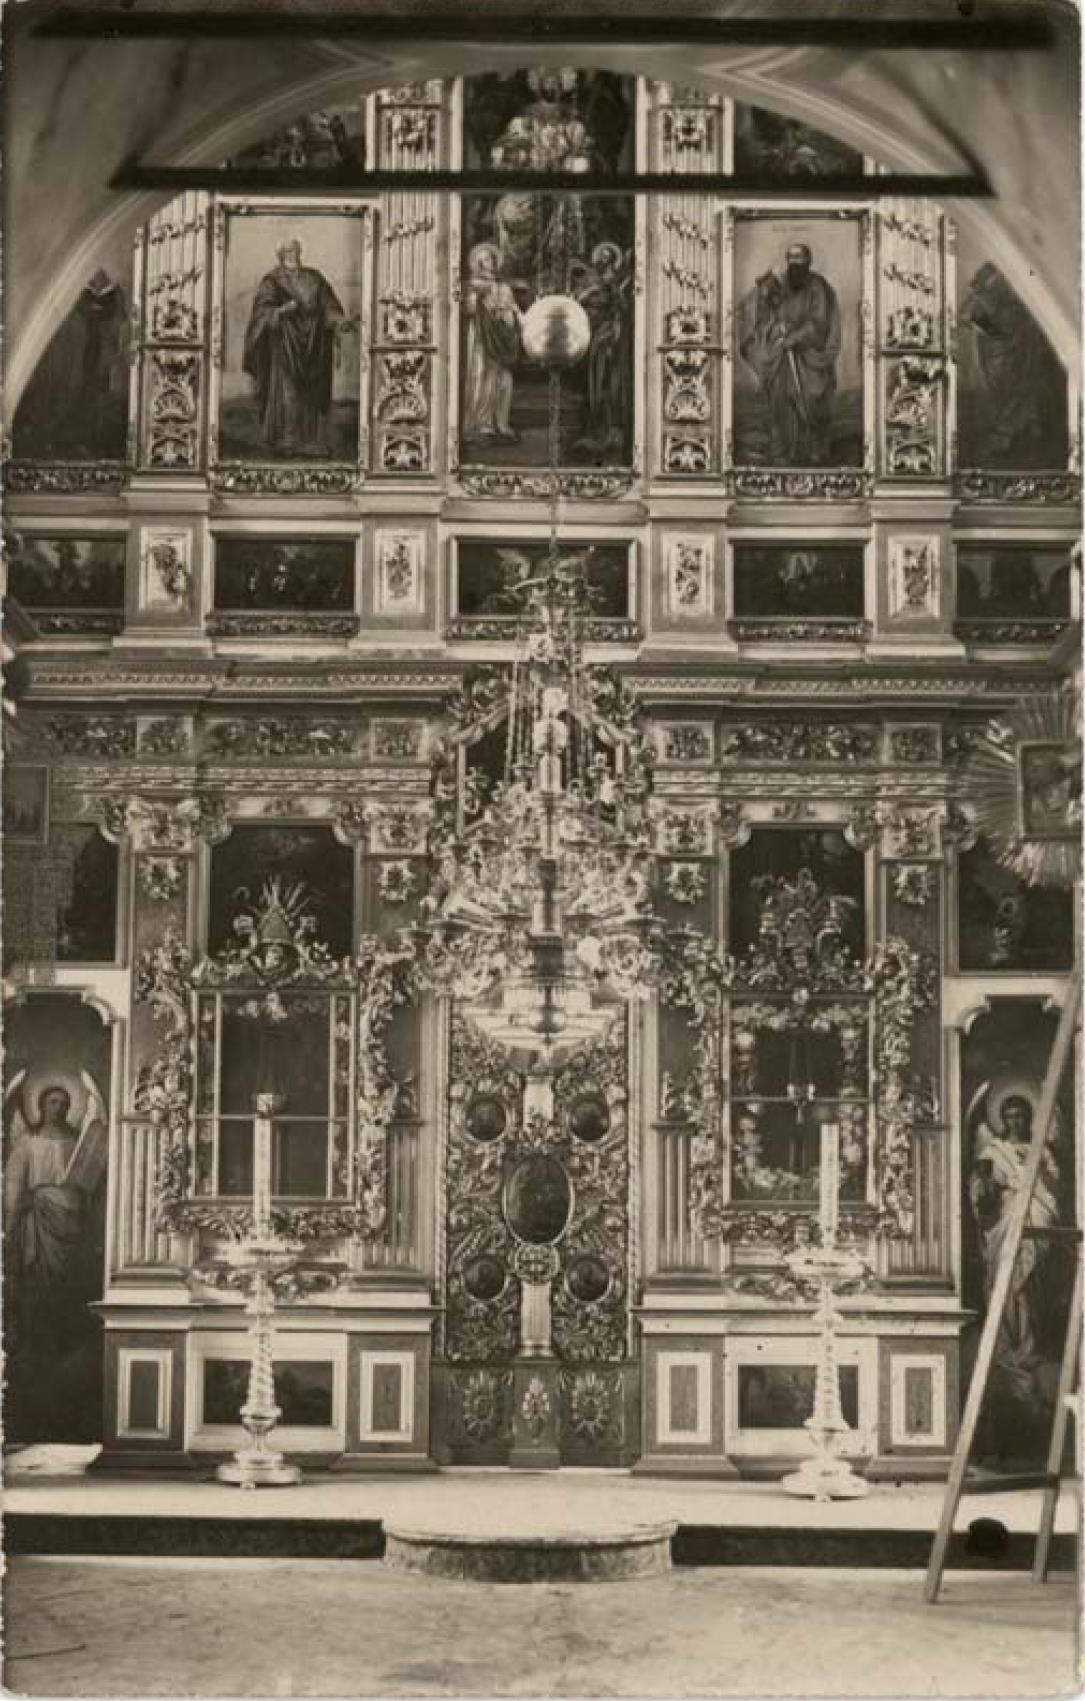 Сергиевская церковь 1779 г. Иконостас холодной Сергиевской церкви